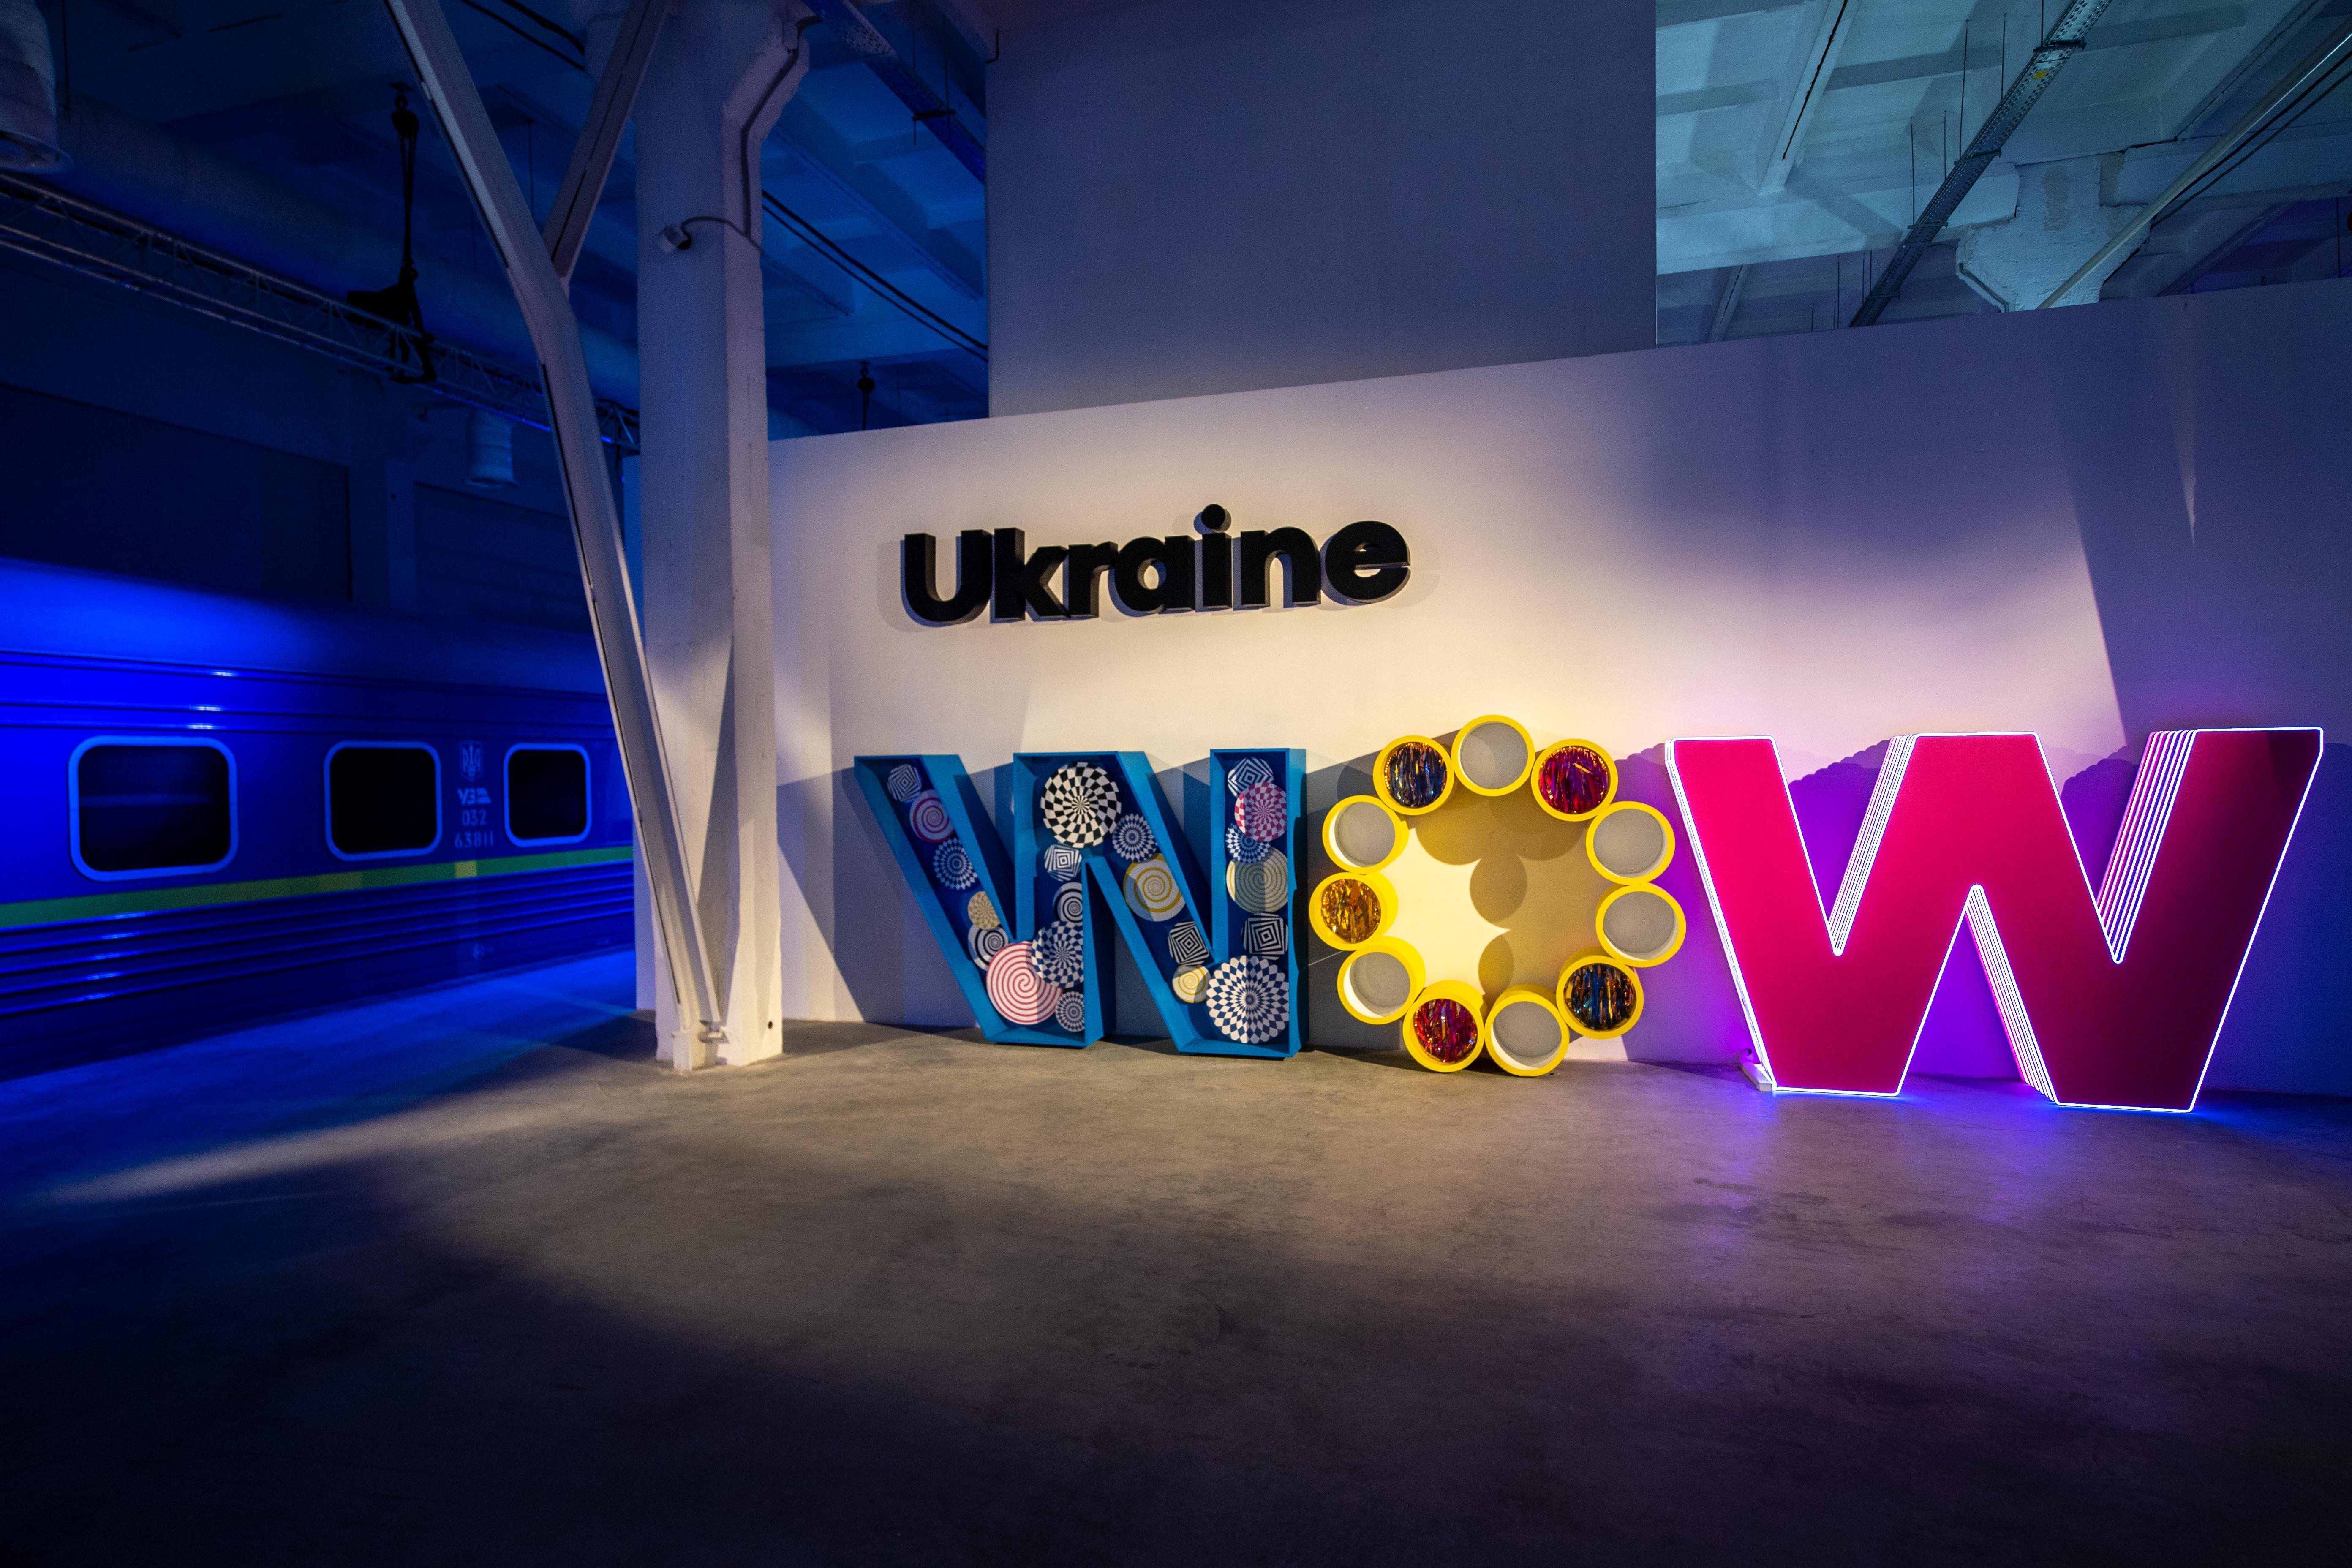 Виставку Ukraine WOW на залізничному вокзалі в Києві продовжено